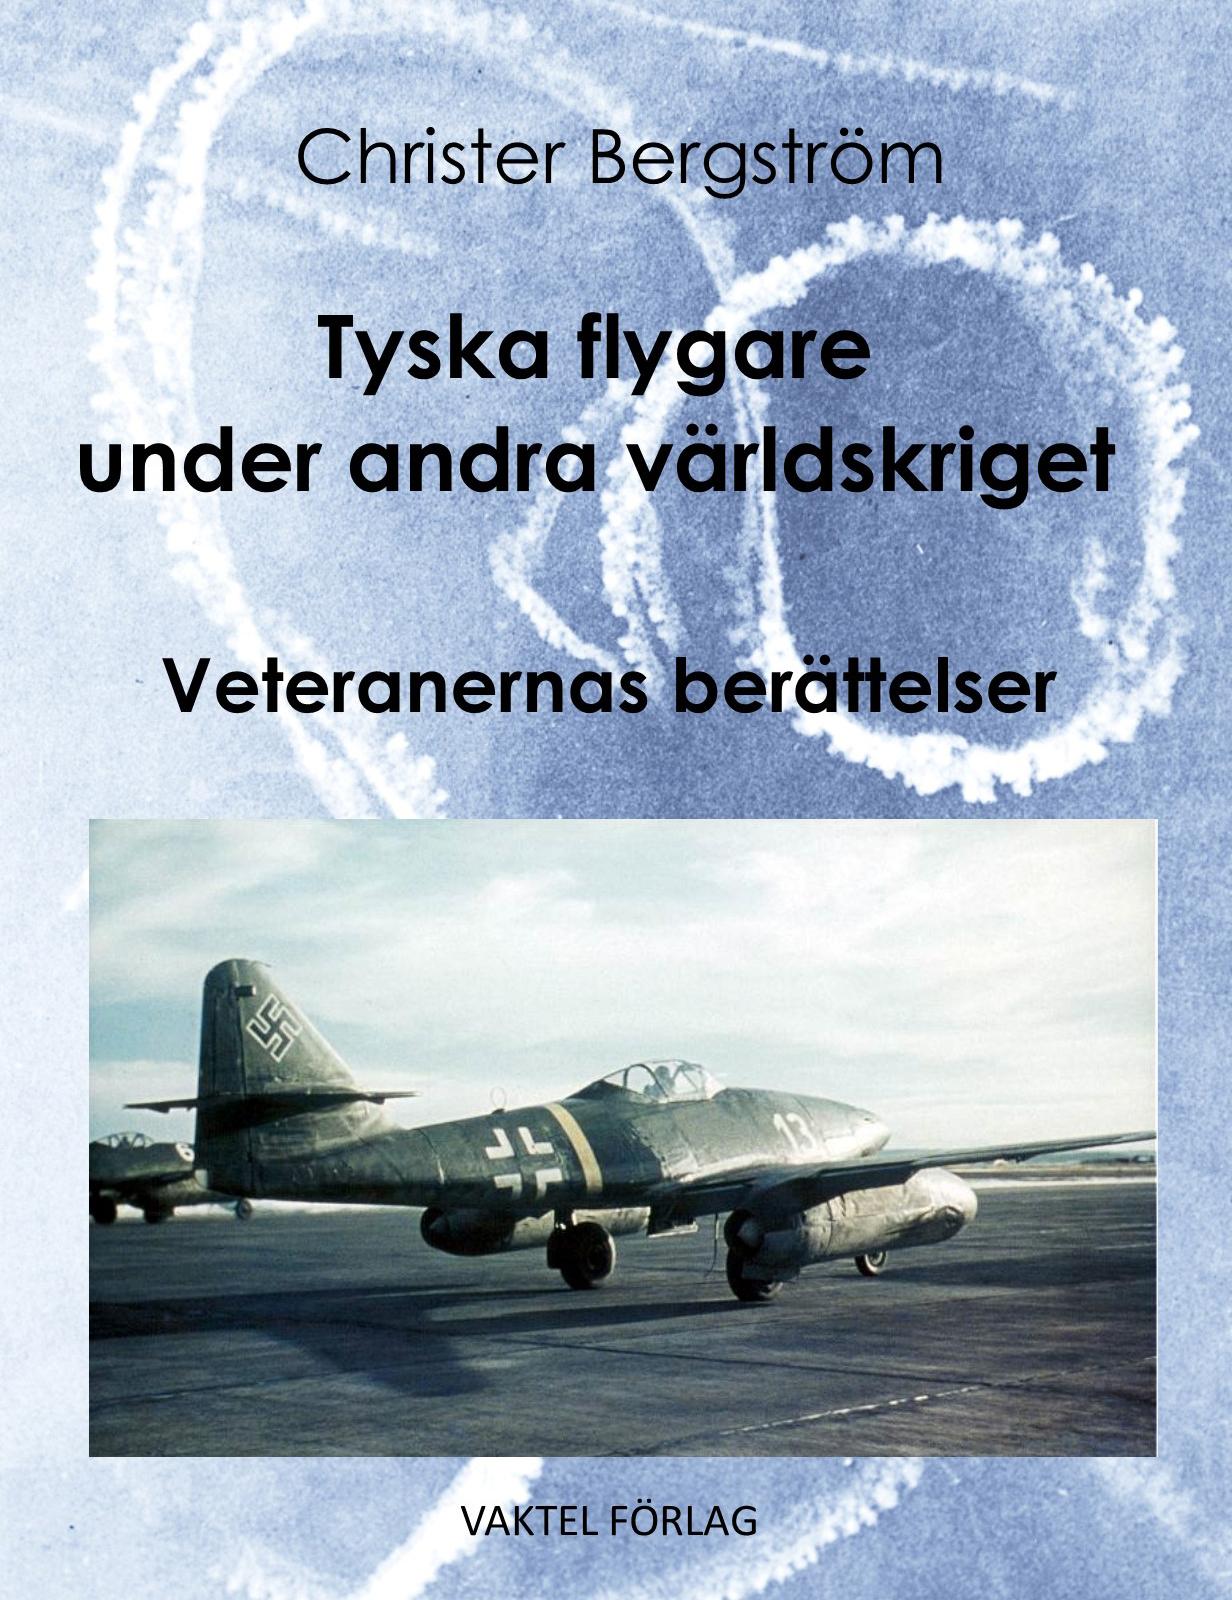 Tyska flygare under andra världskriget